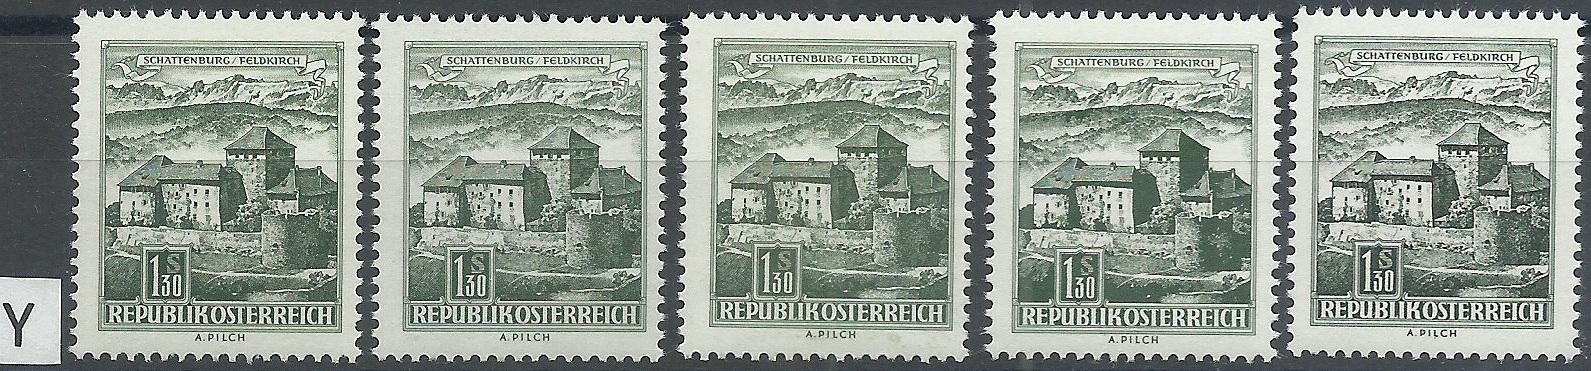 """Bauwerke und Baudenkmäler """"Bautenserie"""" - Seite 8 0130_a10"""